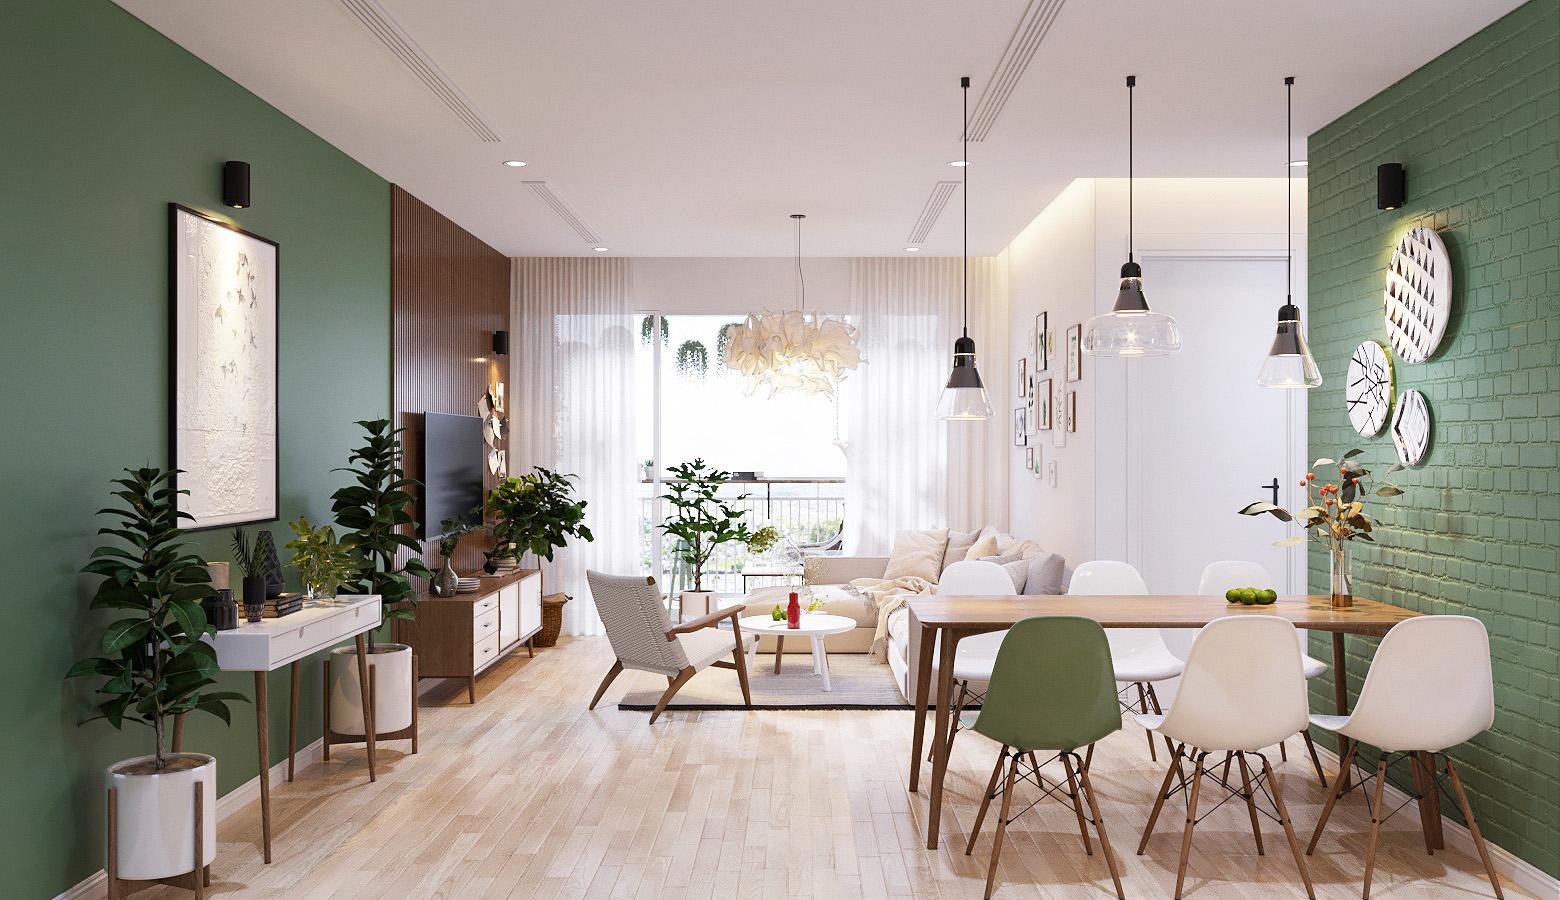 Tiết lộ tính cách qua 7 phong cách nội thất phổ biến, phong cách tối giản, phong cách bắc âu, phong cách đồng quê, phong cách pop art, phong cách cổ điển, phong cách vintage, phong cách bohemian